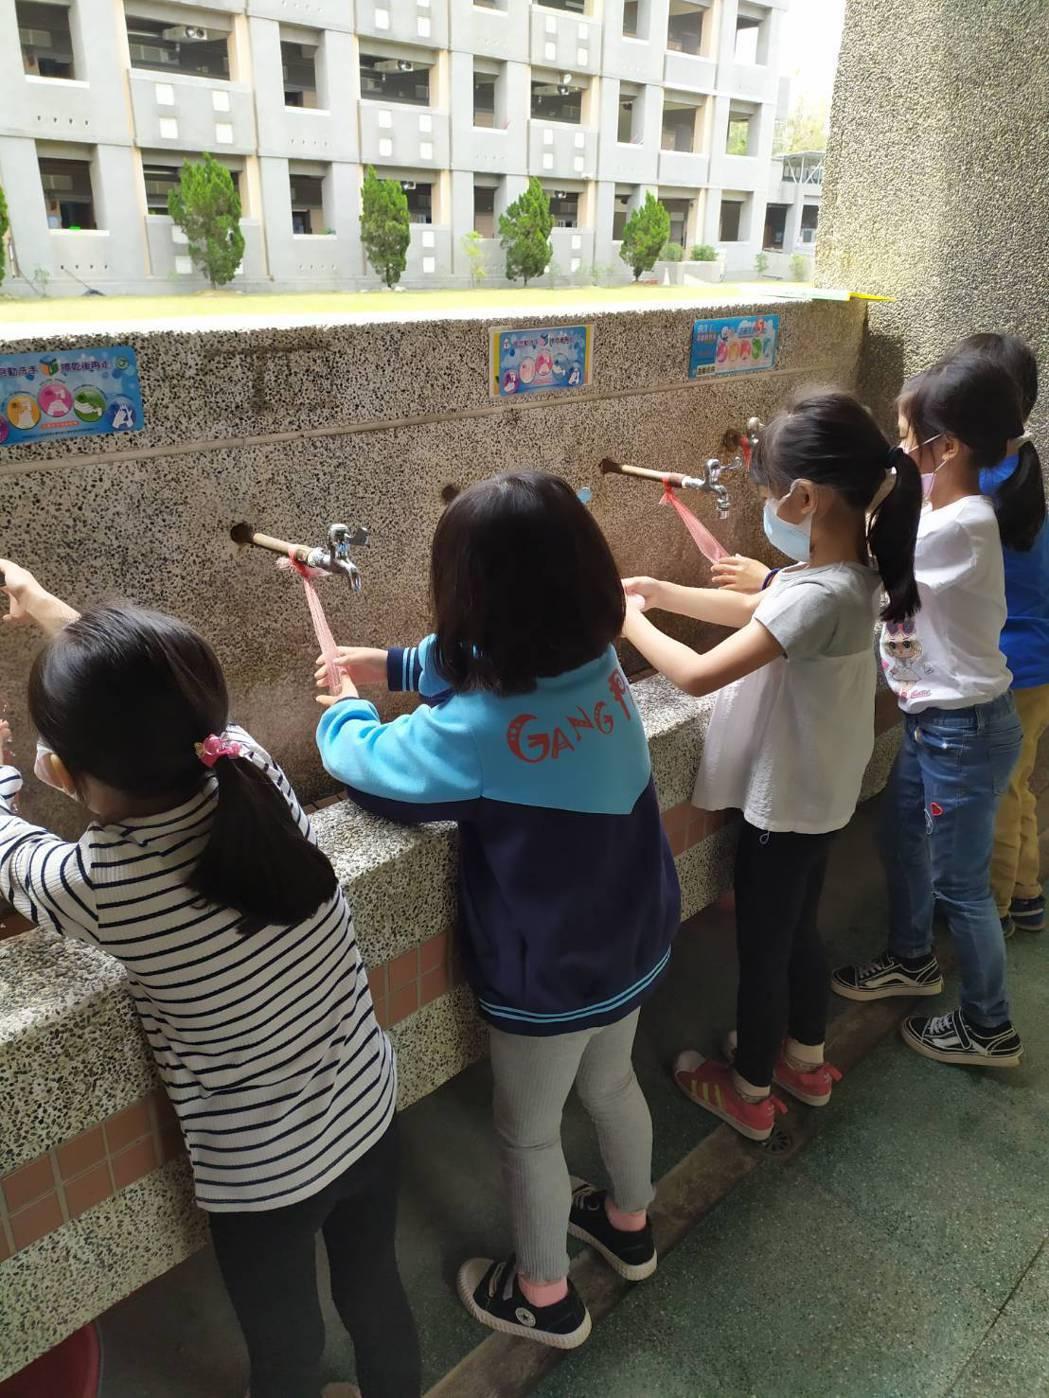 嘉義市學生仍維持勤洗手觀念,讓腸病毒大幅下降。圖/嘉義市府提供